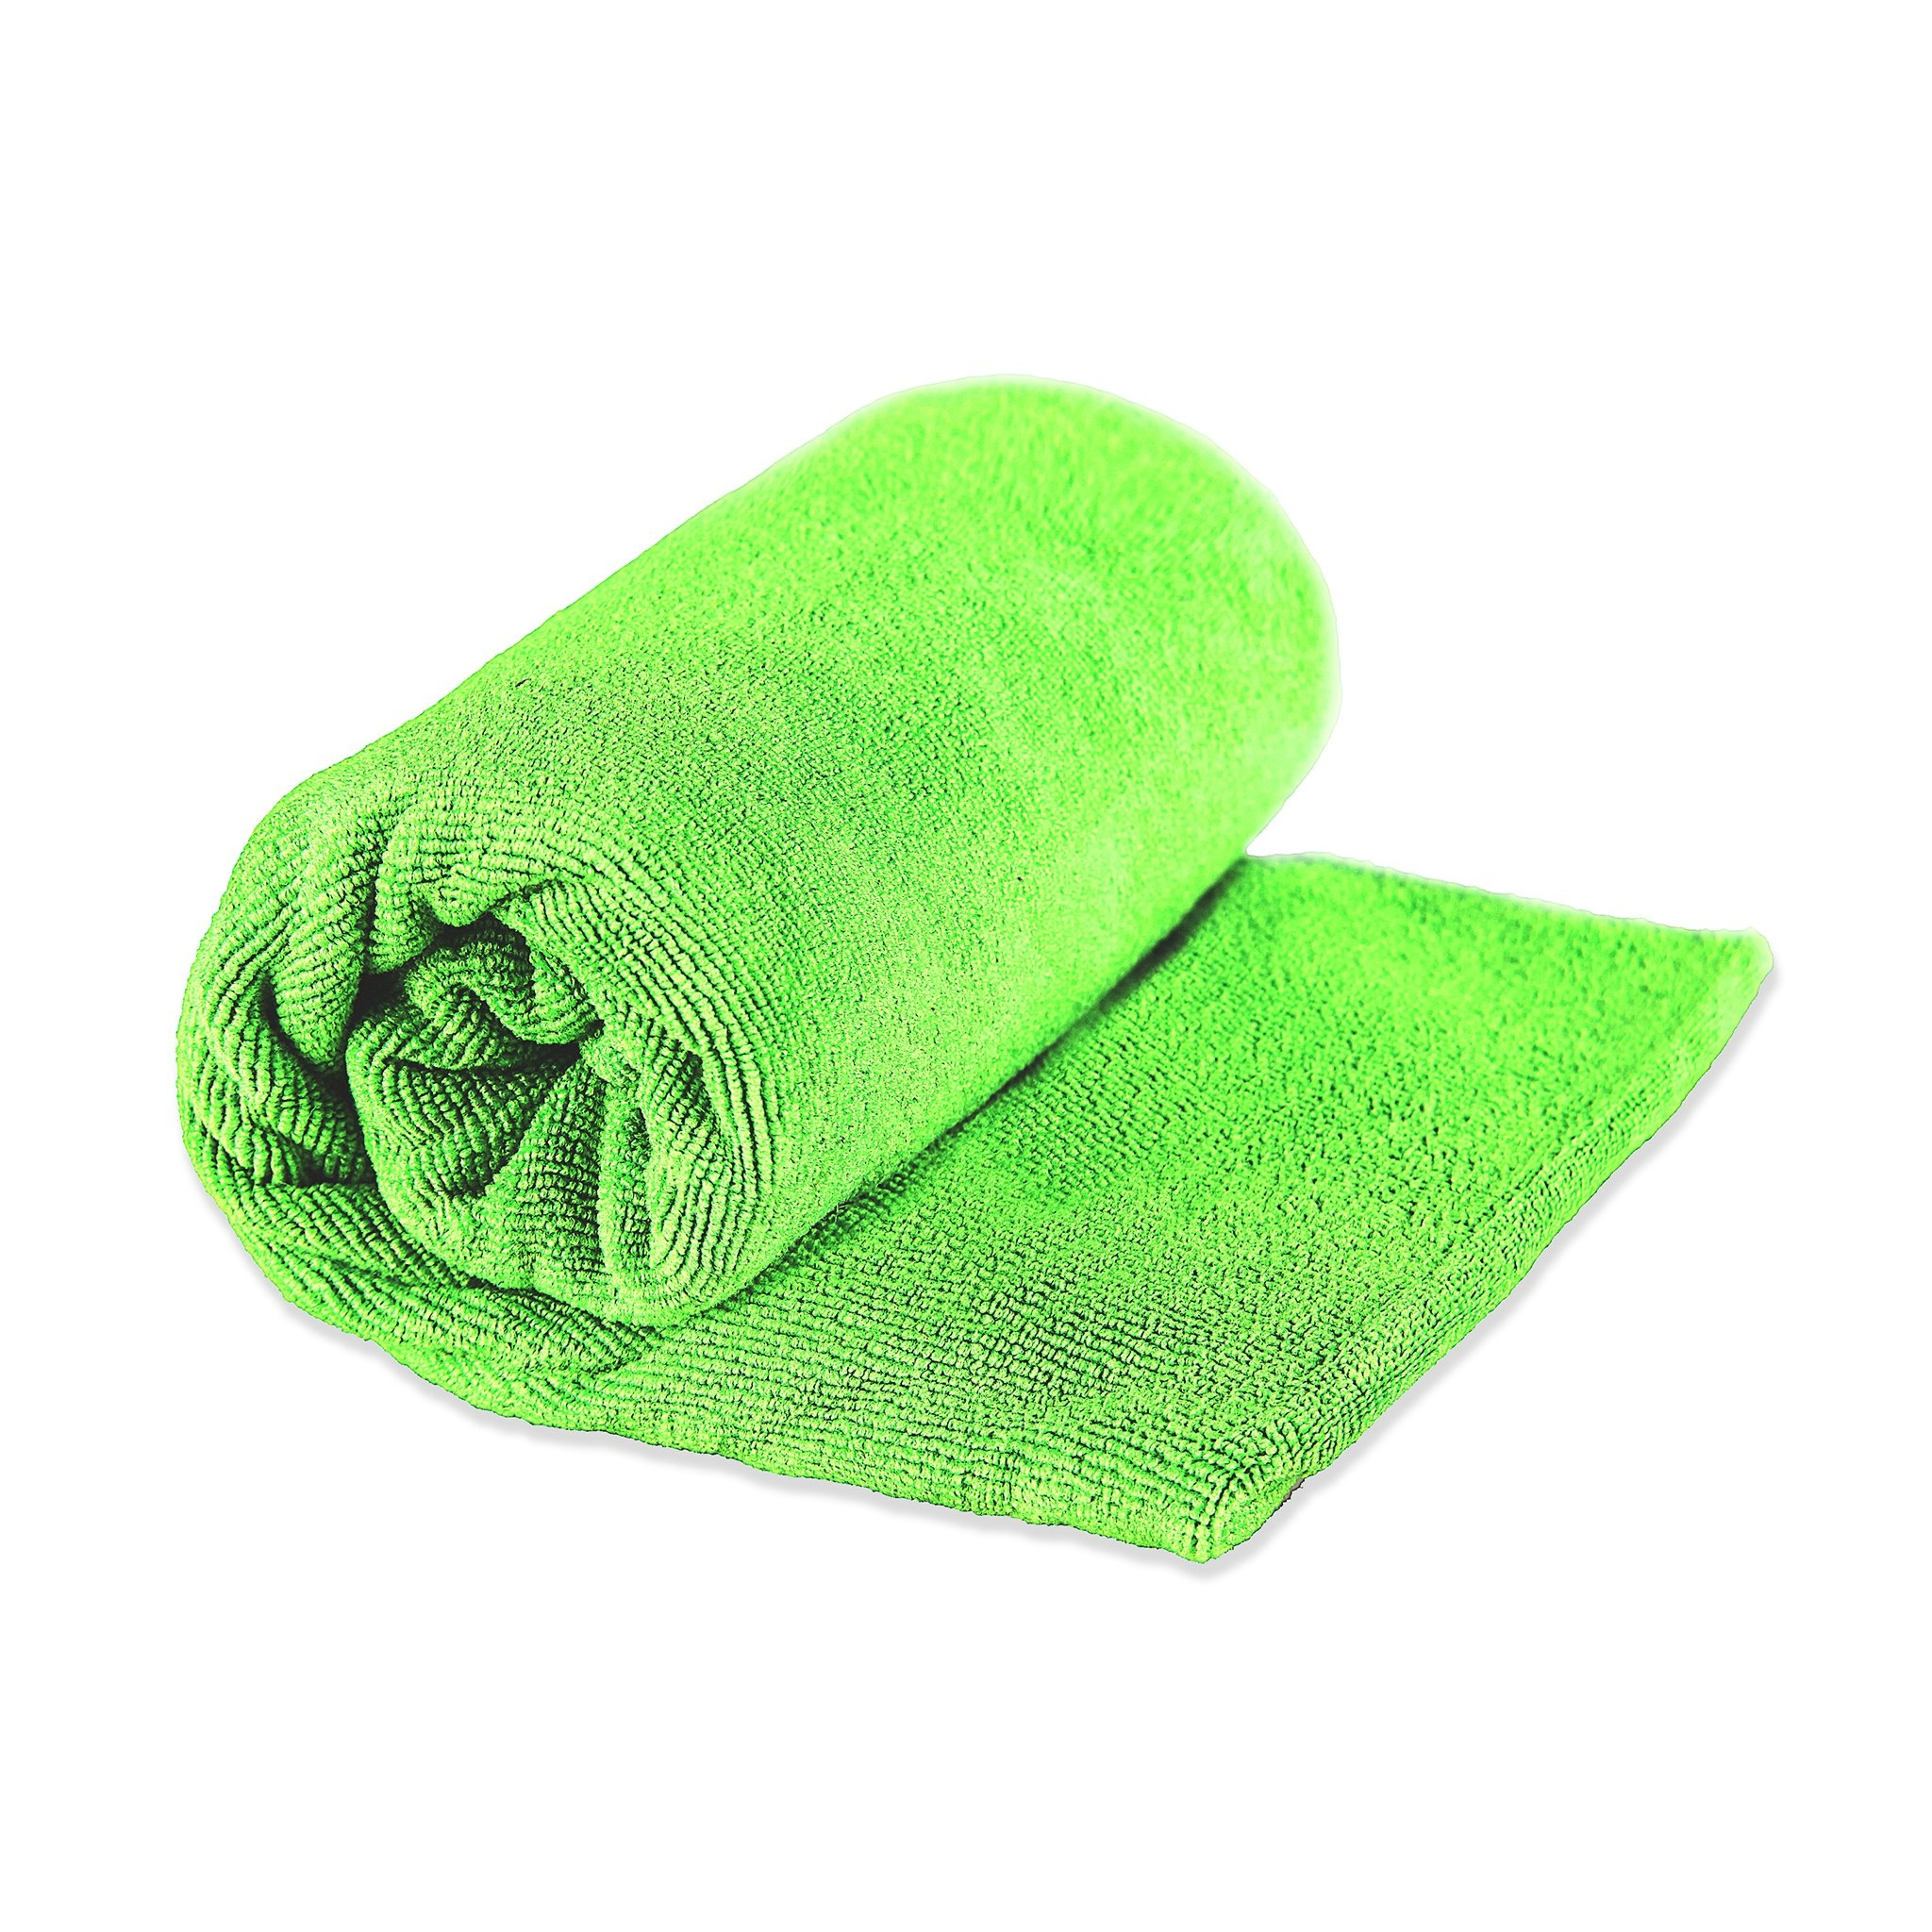 Sea to Summit Tek Towel, X-Large